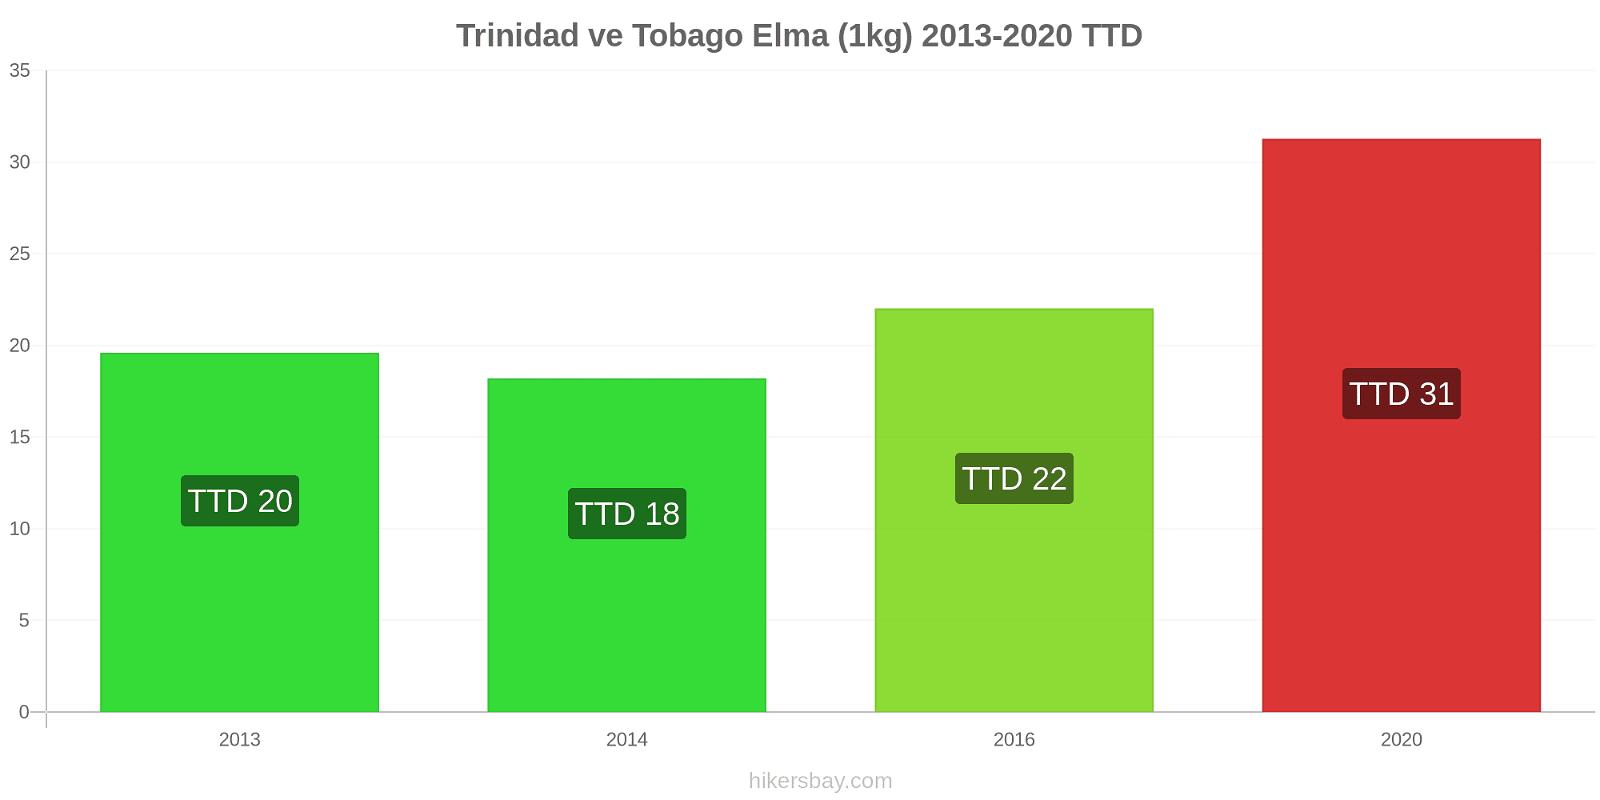 Trinidad ve Tobago fiyat değişiklikleri Elma (1kg) hikersbay.com